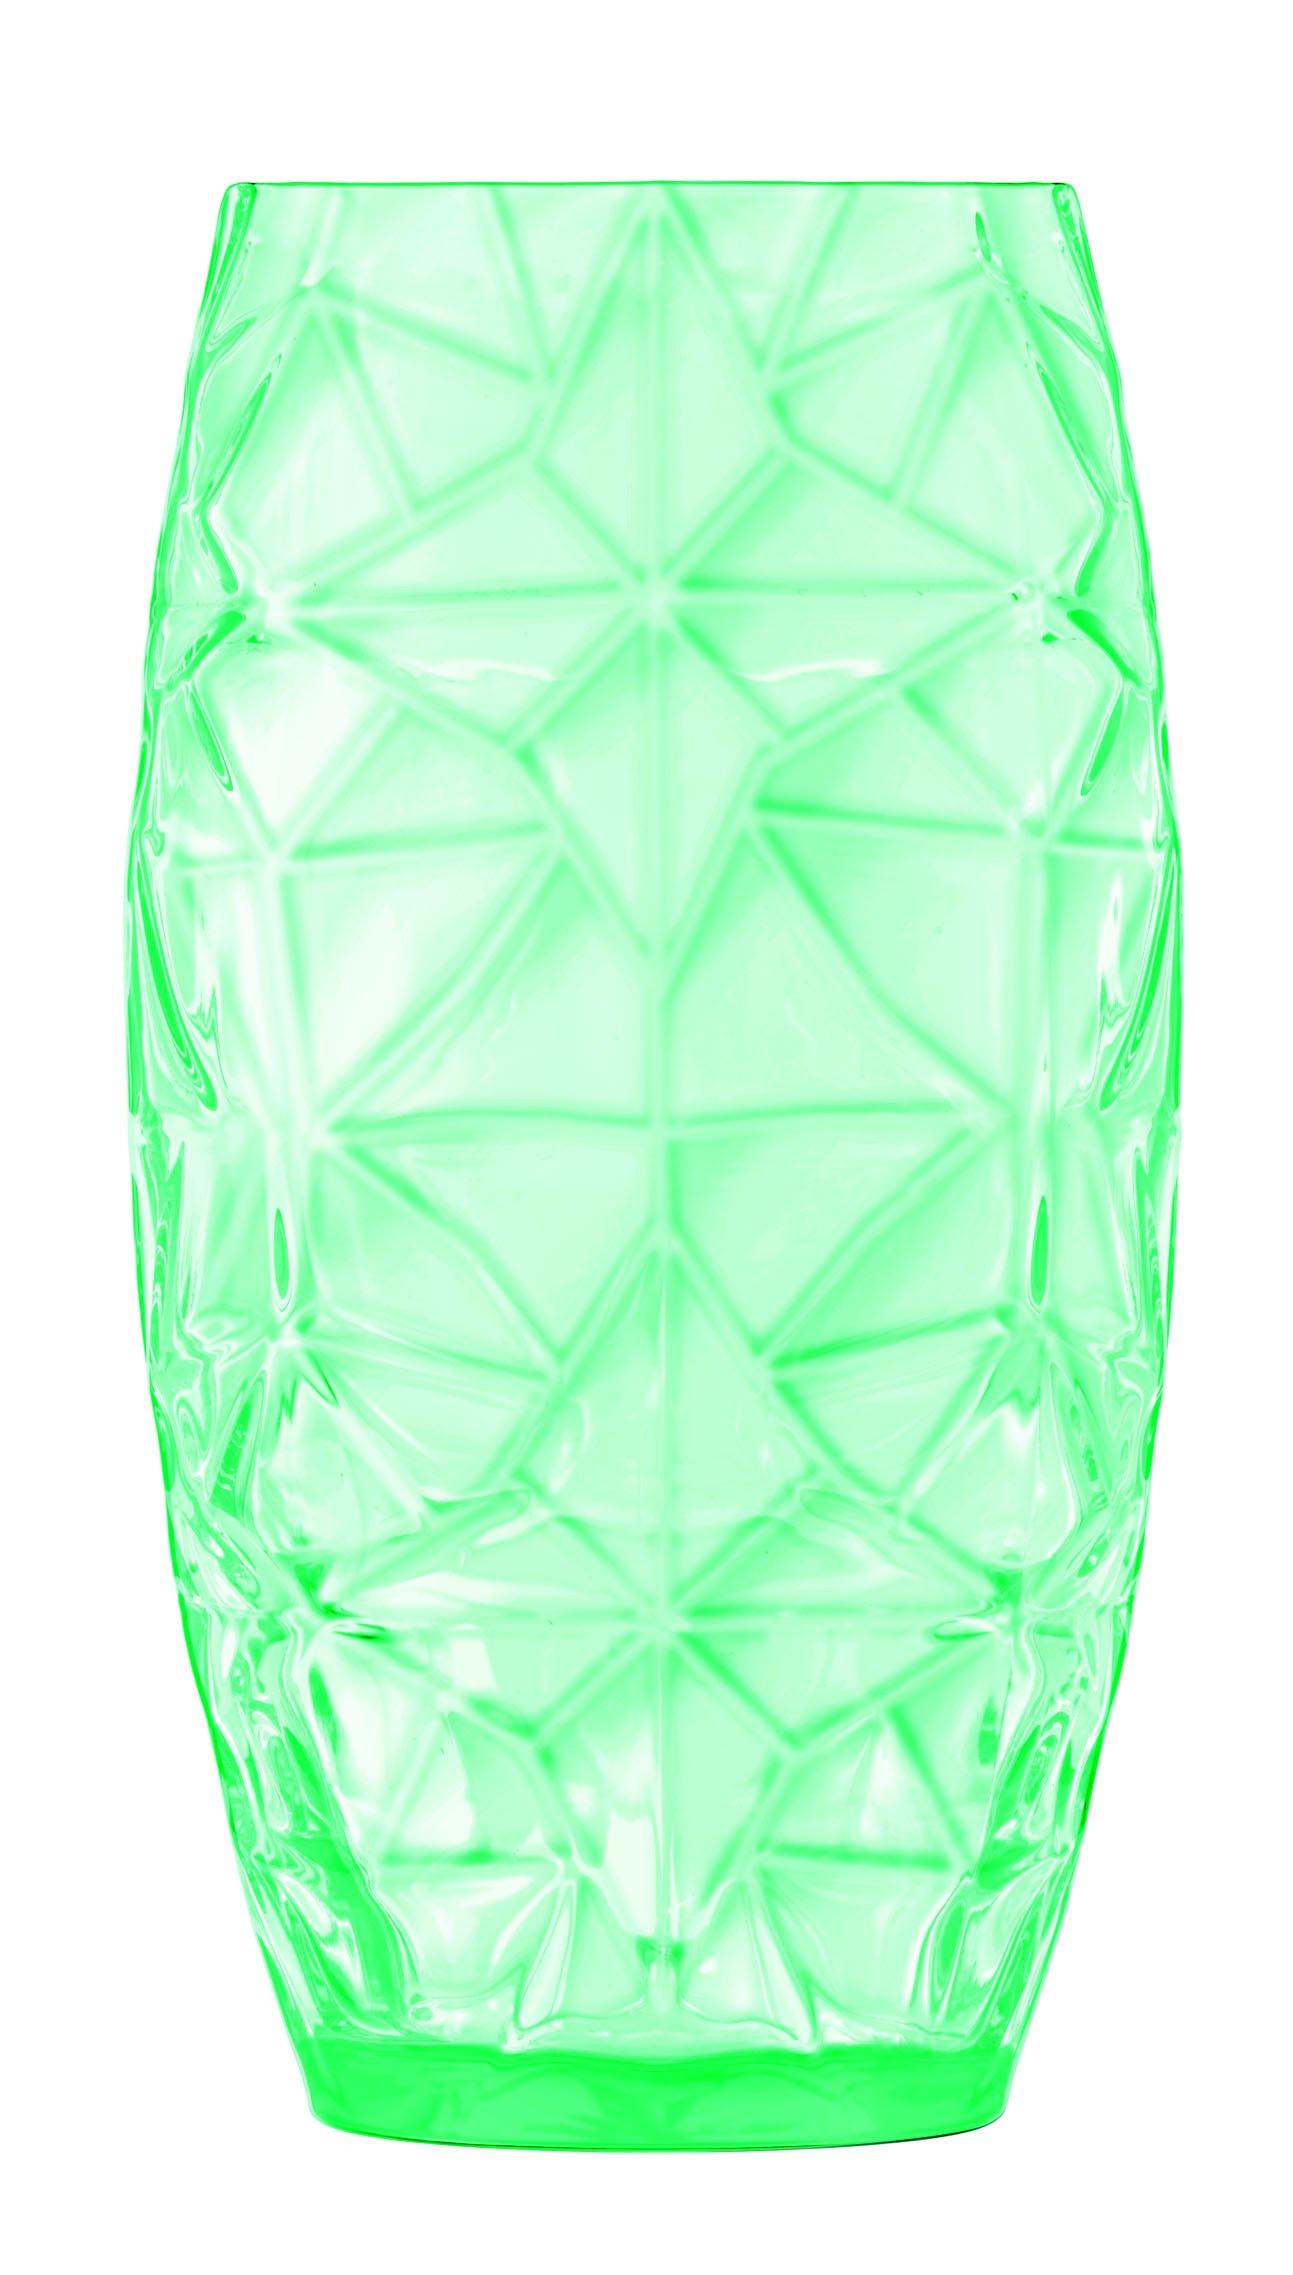 Luigi Bormioli Prezioso Beverage Glass (Set of 4), 20 oz, Green